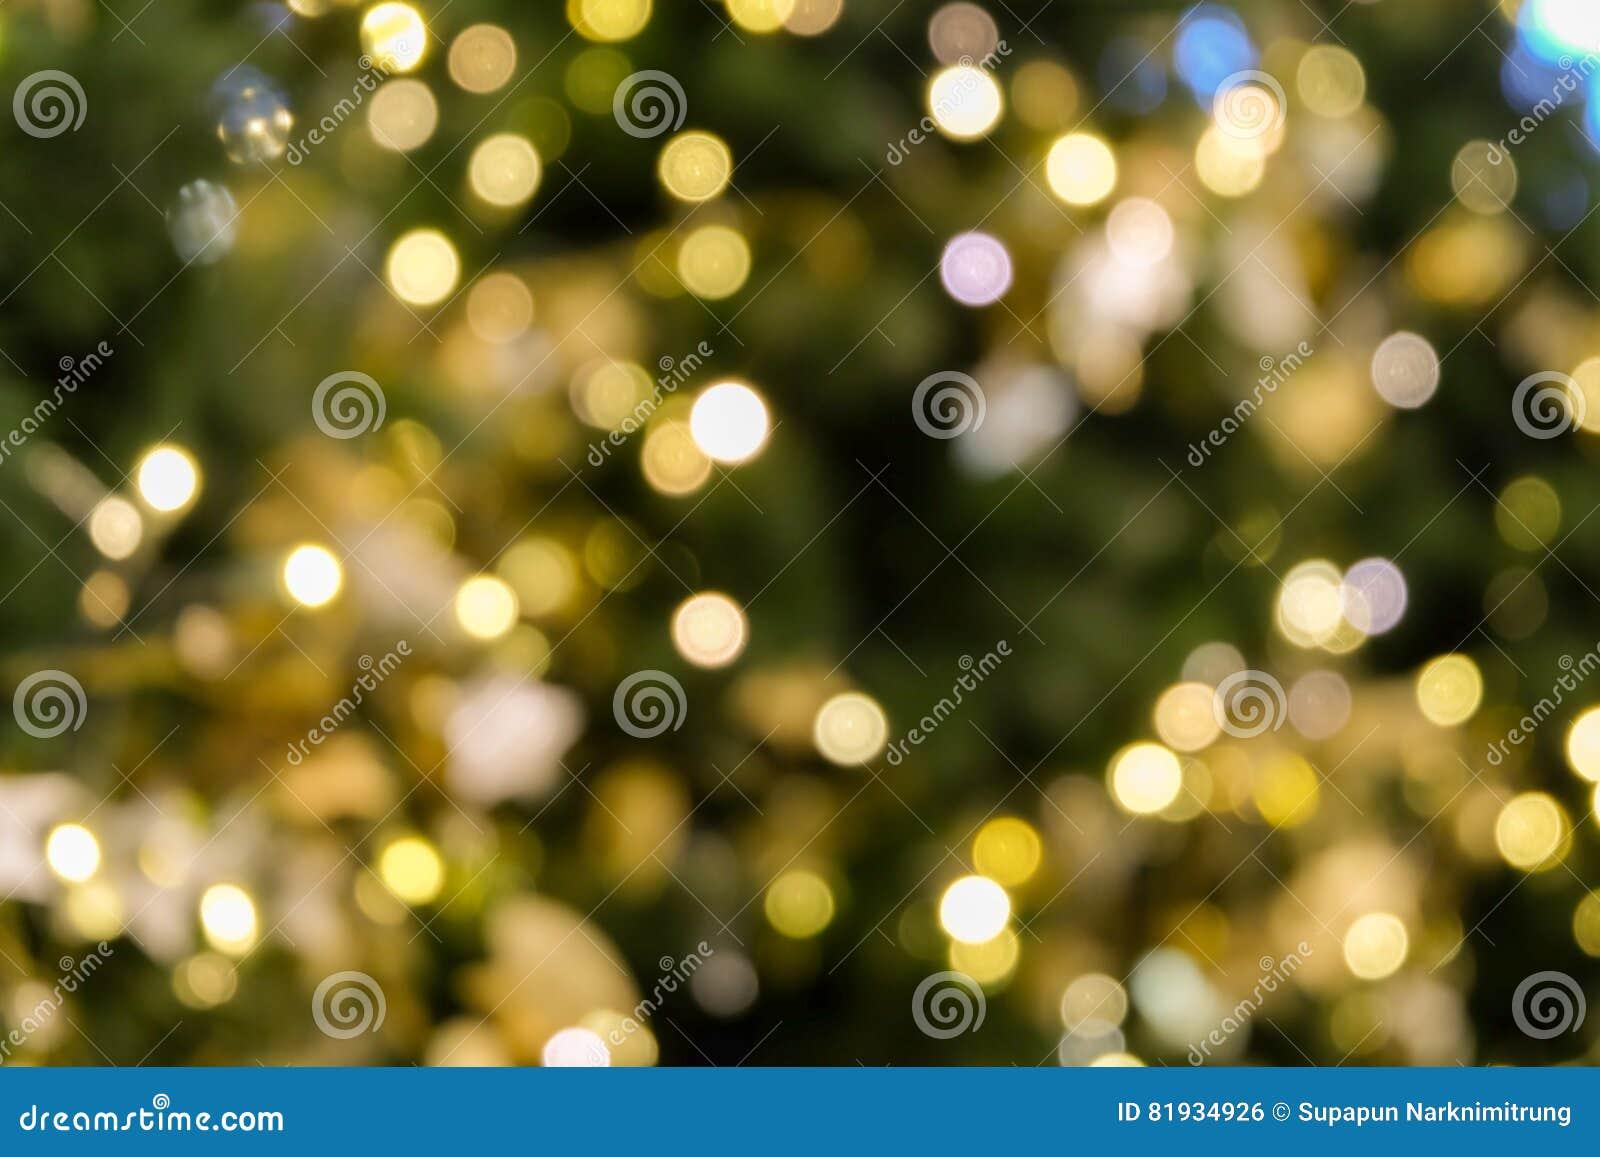 La luce del bokeh dell albero di Natale nel colore dorato giallo verde, fondo astratto di festa, offusca defocused